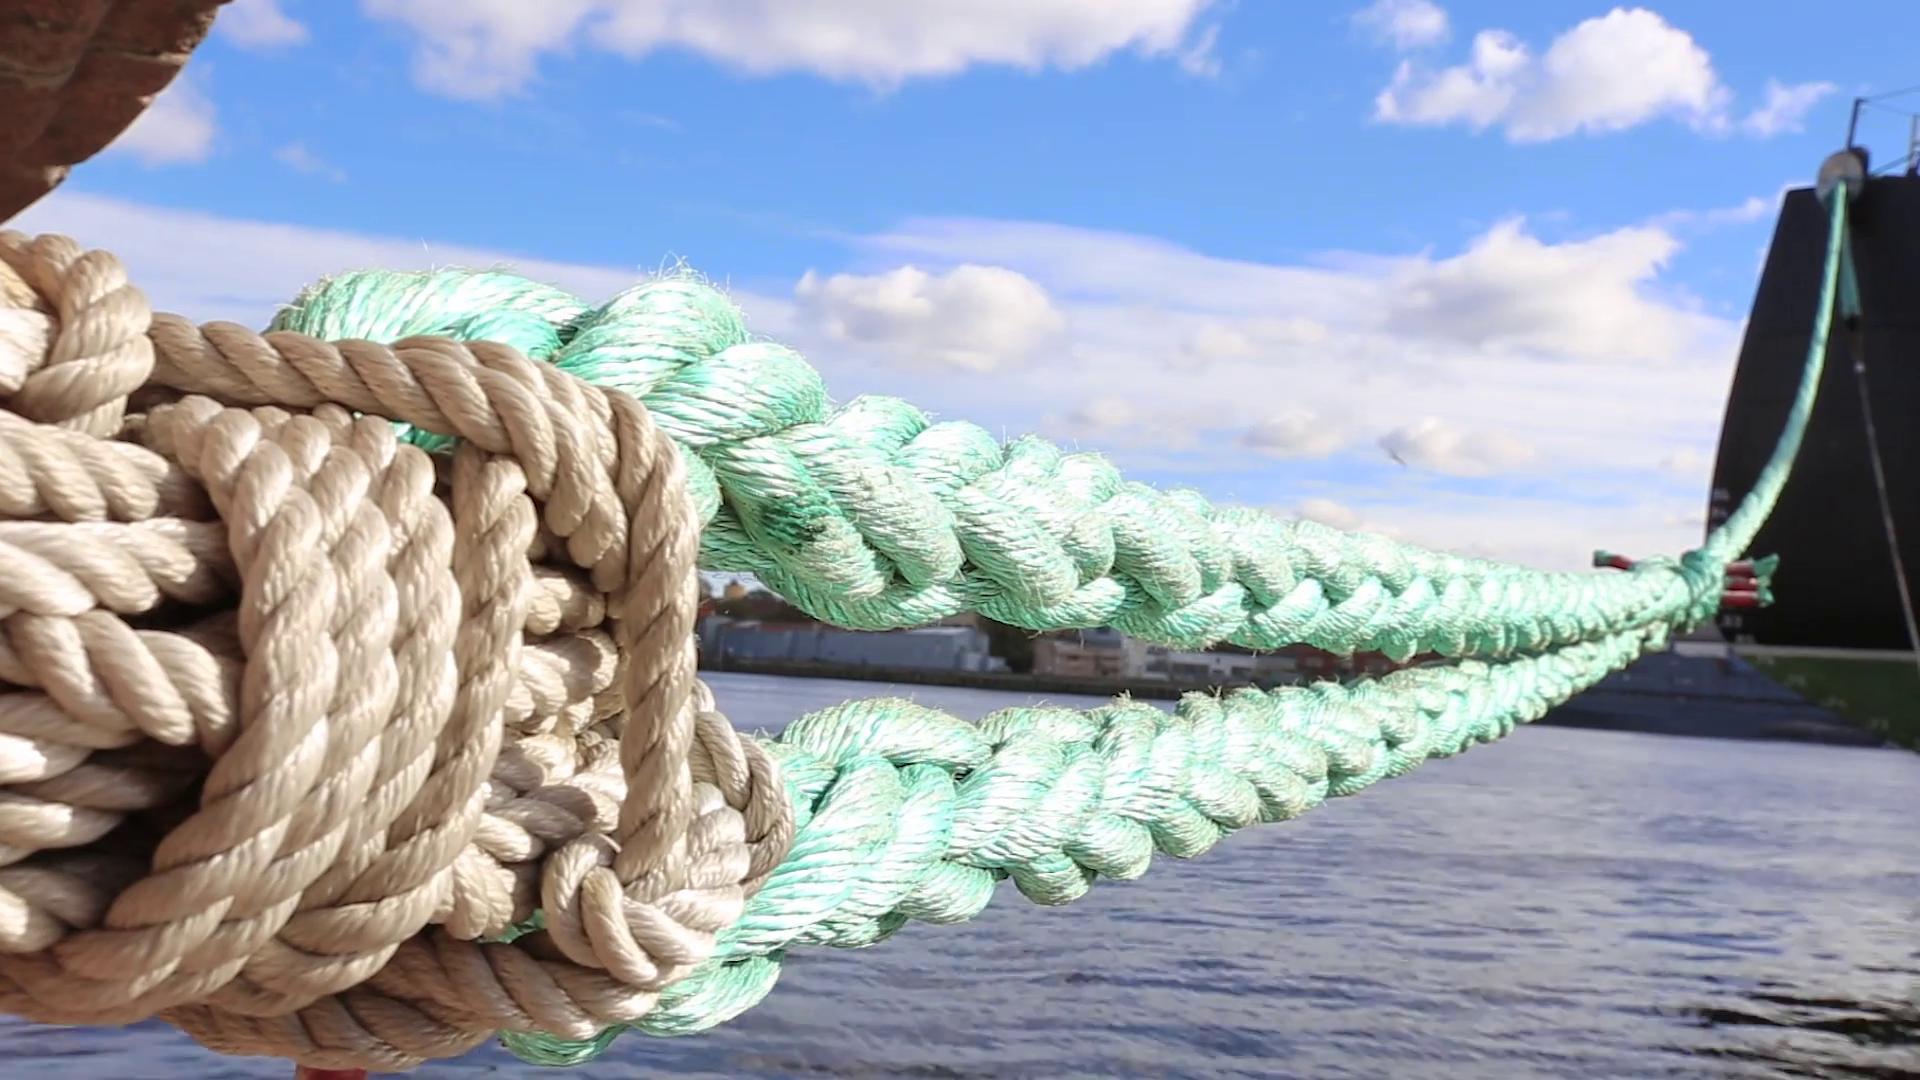 ship-mooring-ropes-hd-the-ship-is-at-berth_rxi3ujtvg_thumbnail-full01.png